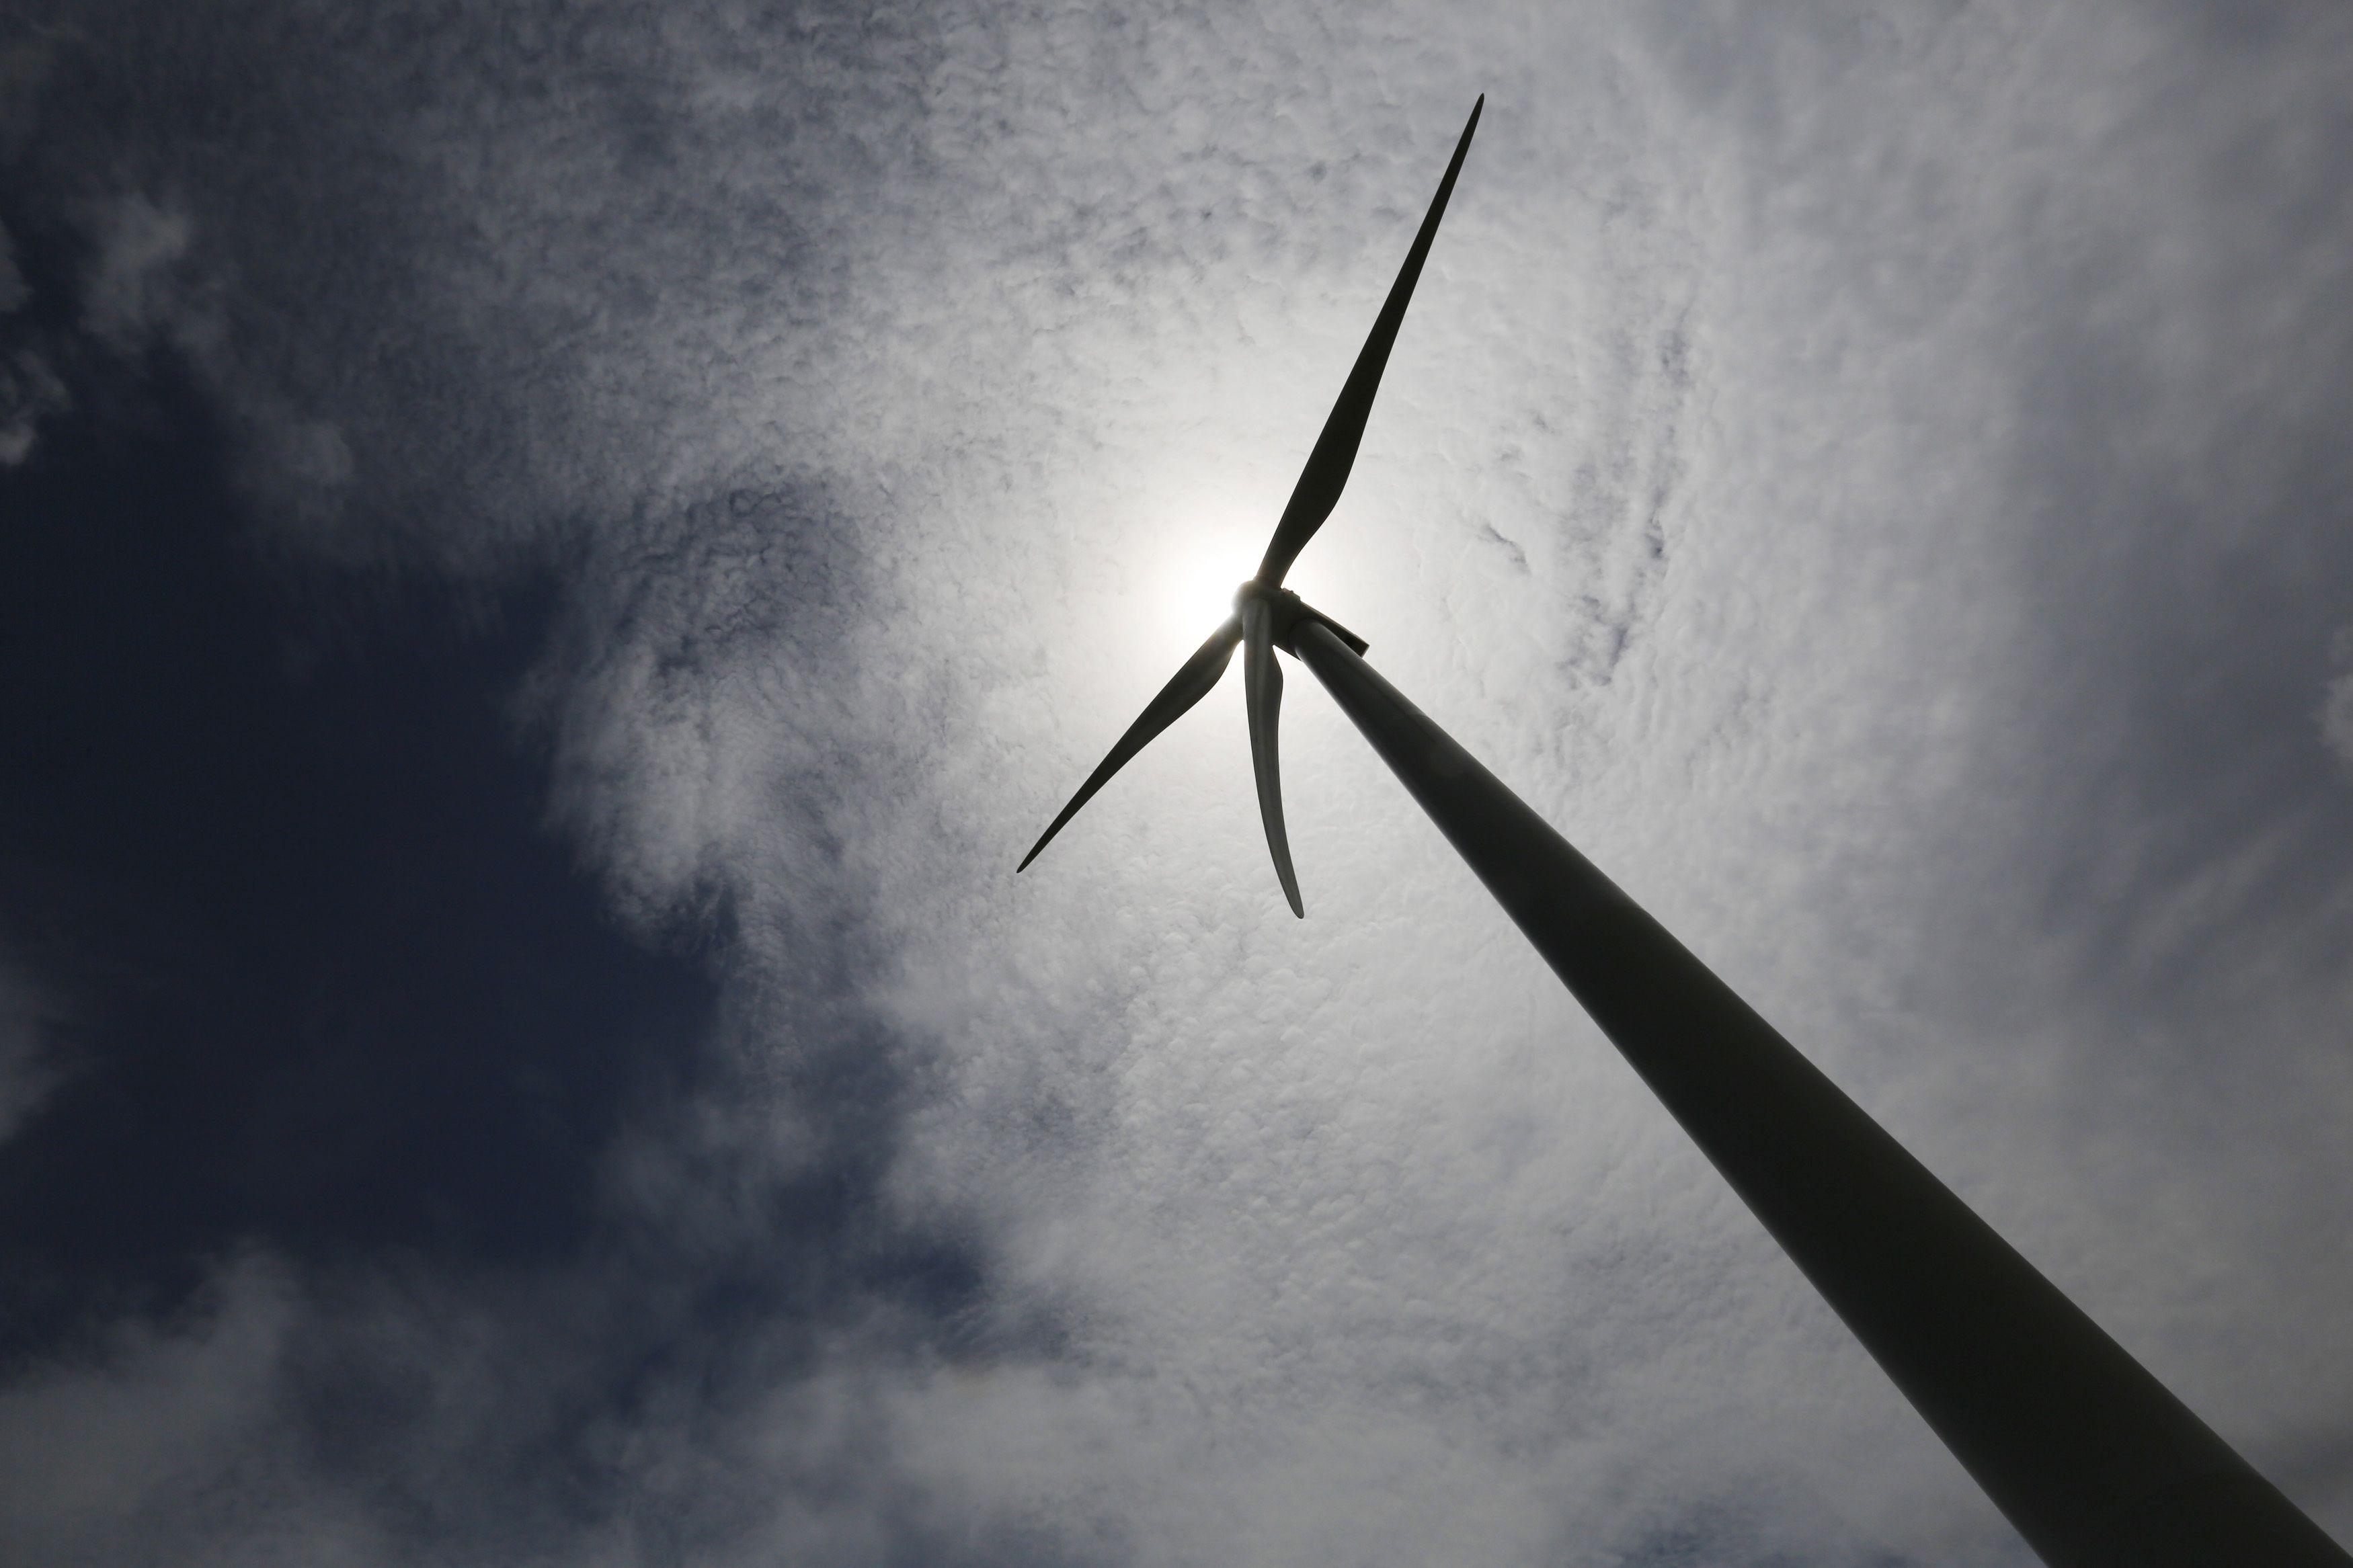 La eólica es la principal fuente de energía renovable del país.